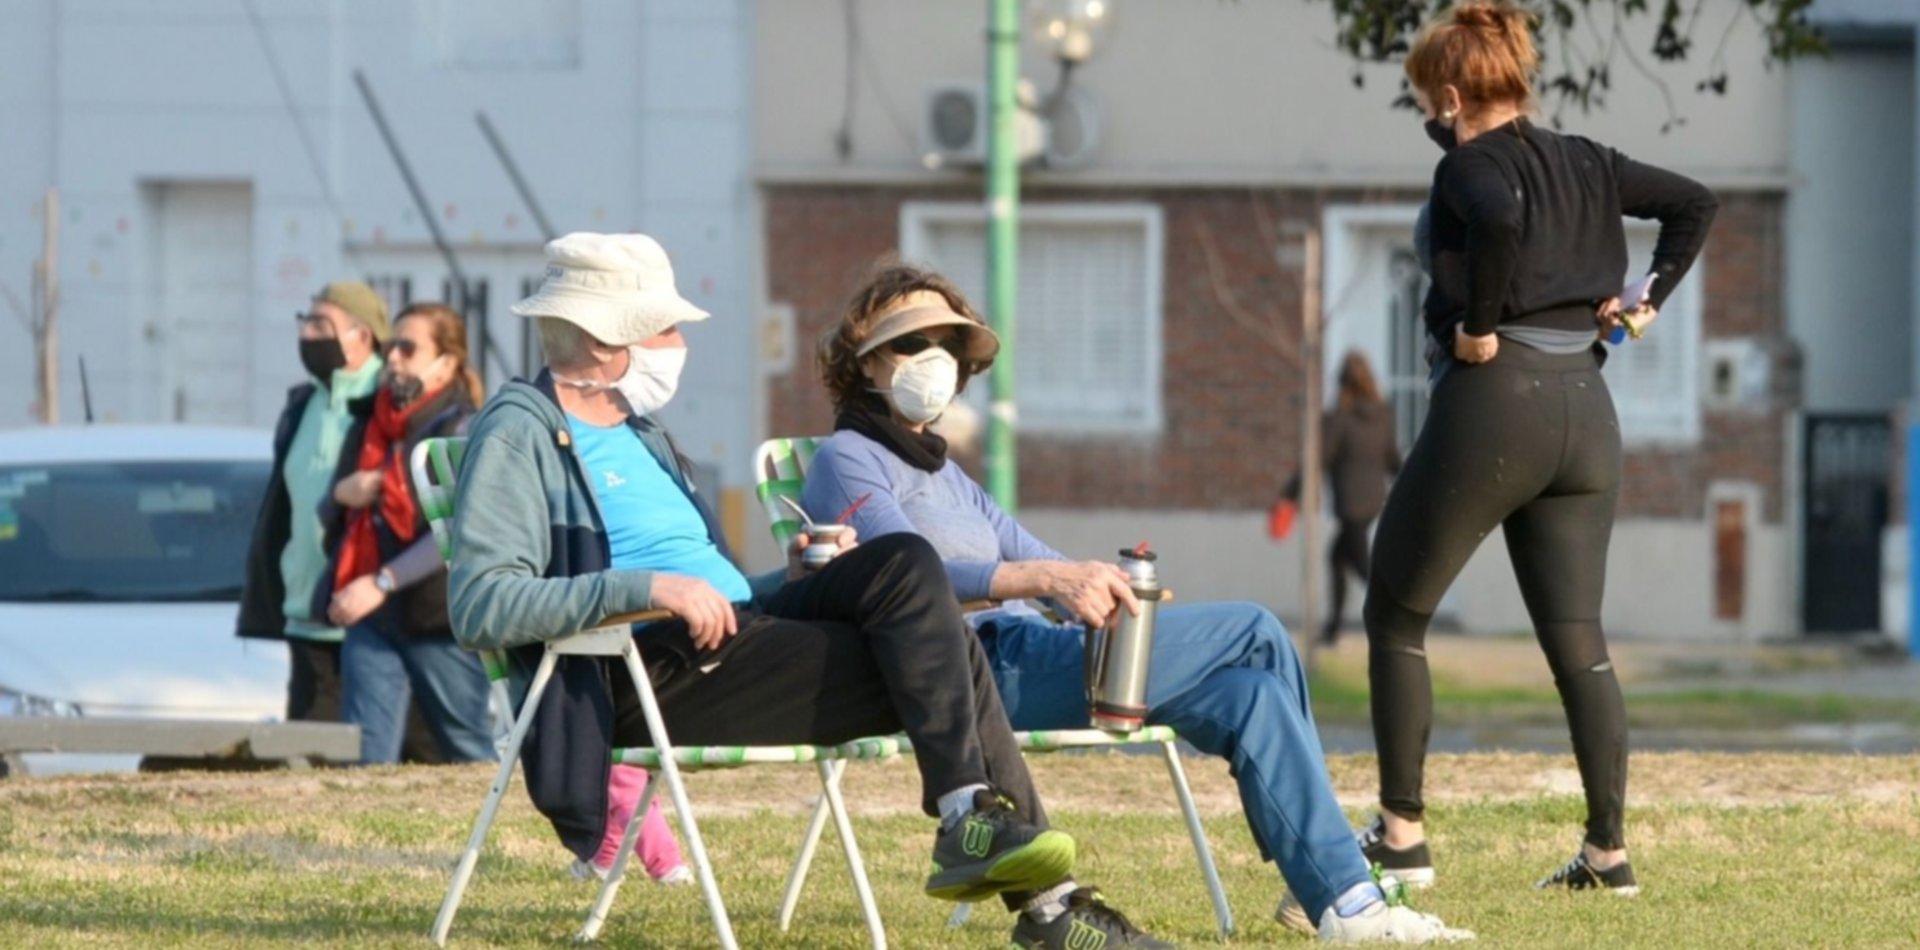 Mañana fresca y tarde de calor: así va estar el clima en La Plata